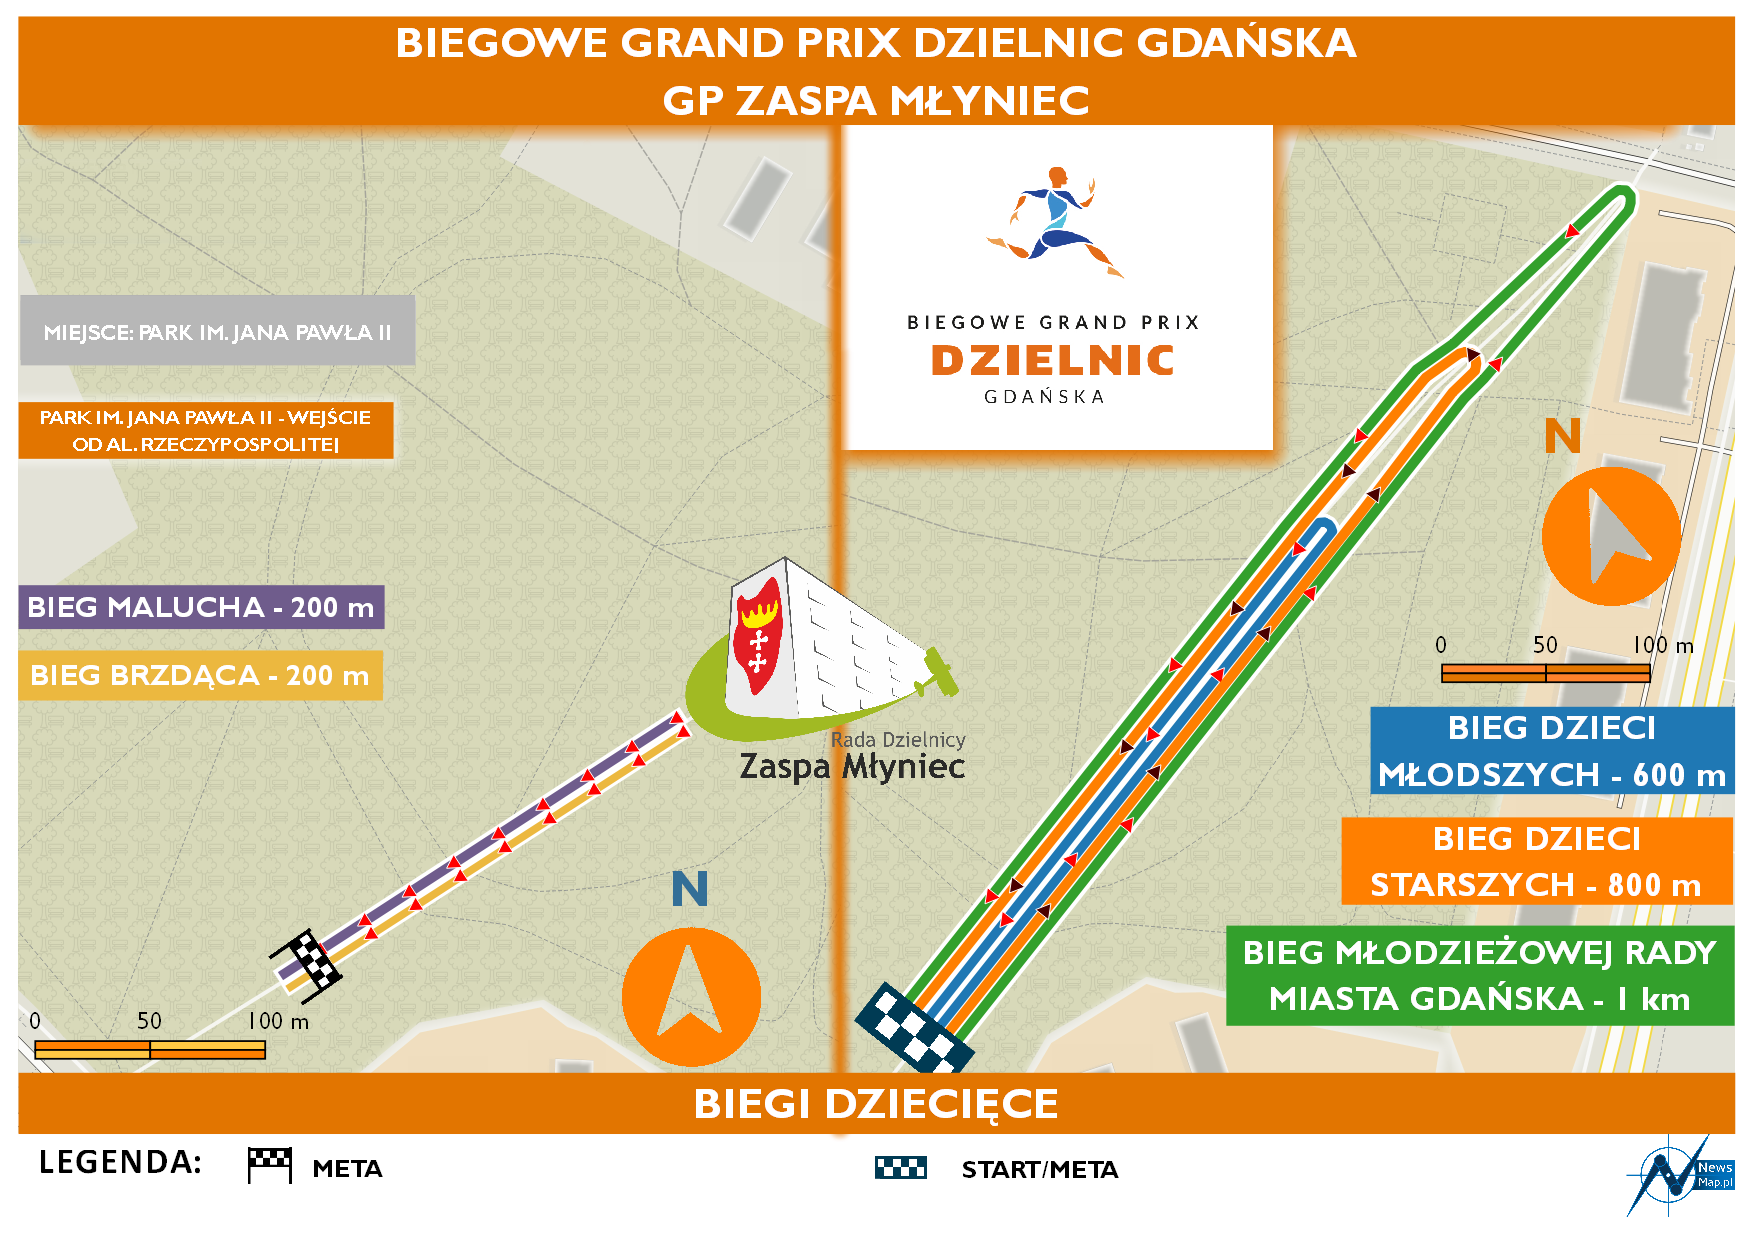 Mapa statyczna GP Zaspa Młyniec - biegi dziecięce (on-line)